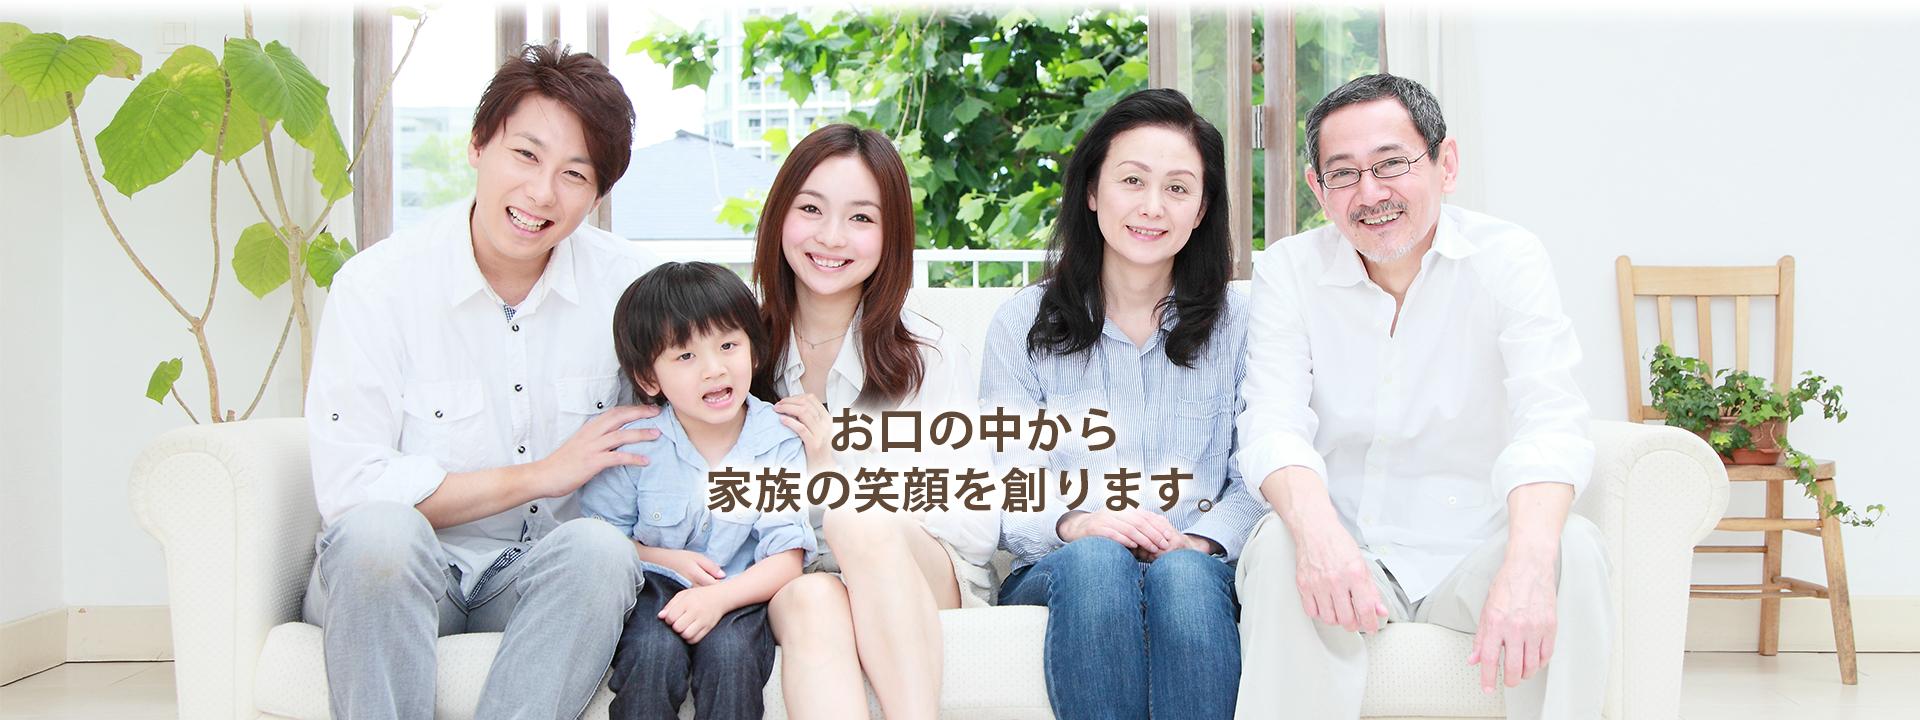 仙台市太白区茂庭の歯医者 もにわファミリー歯科クリニック